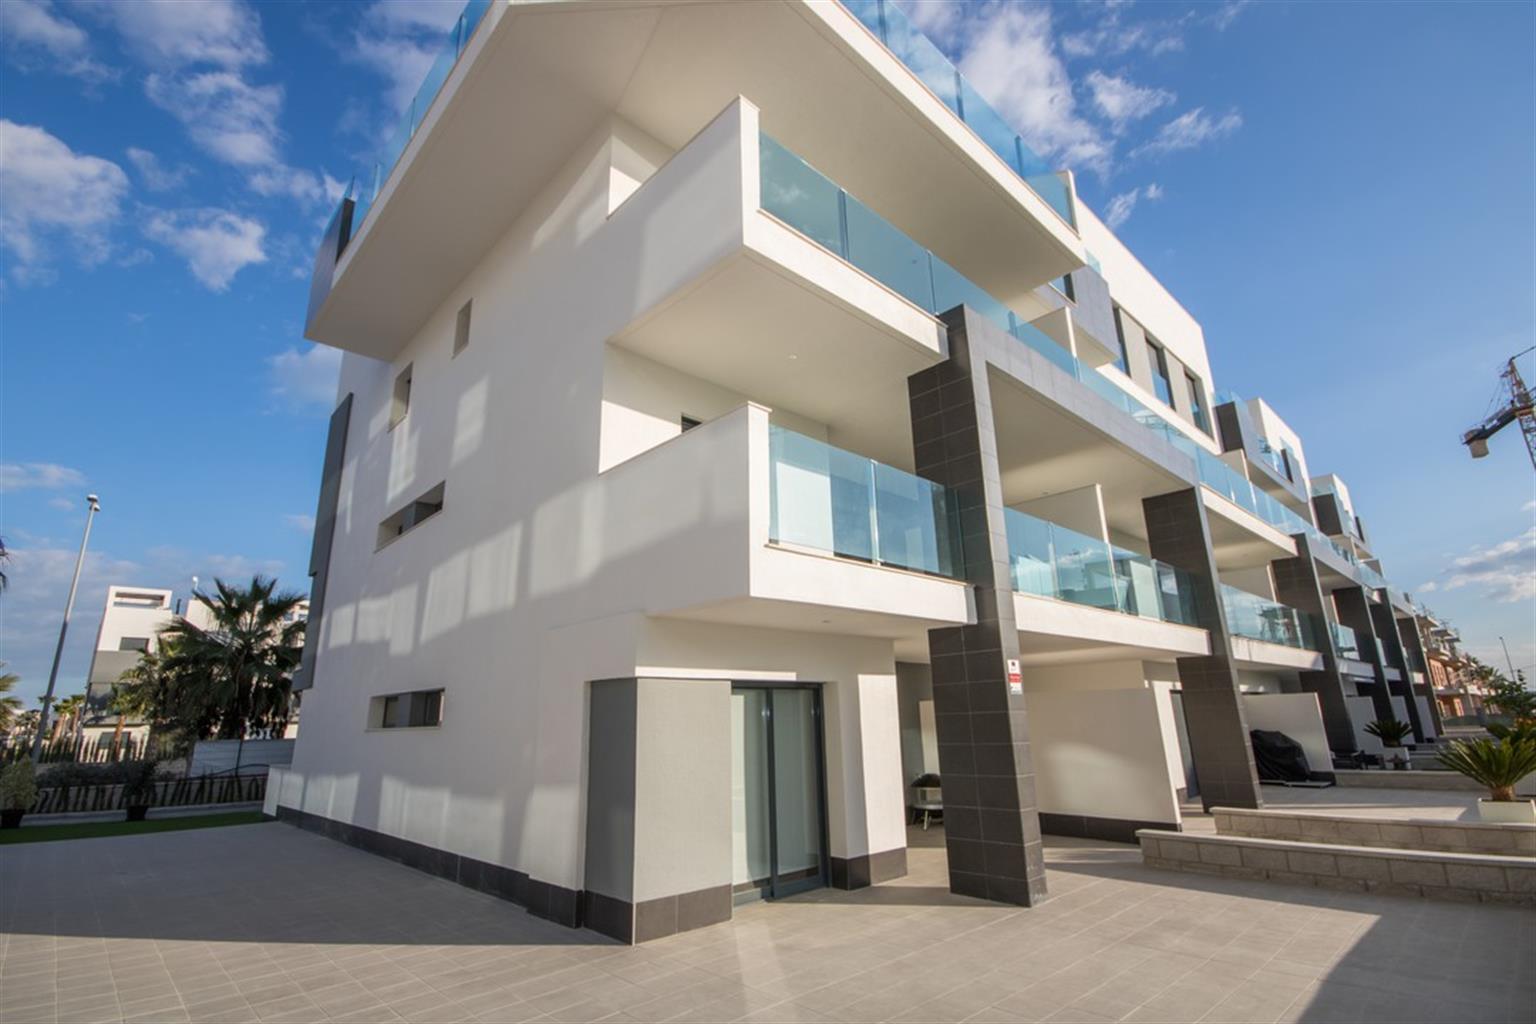 Appartement - El Raso  - #4230271-40